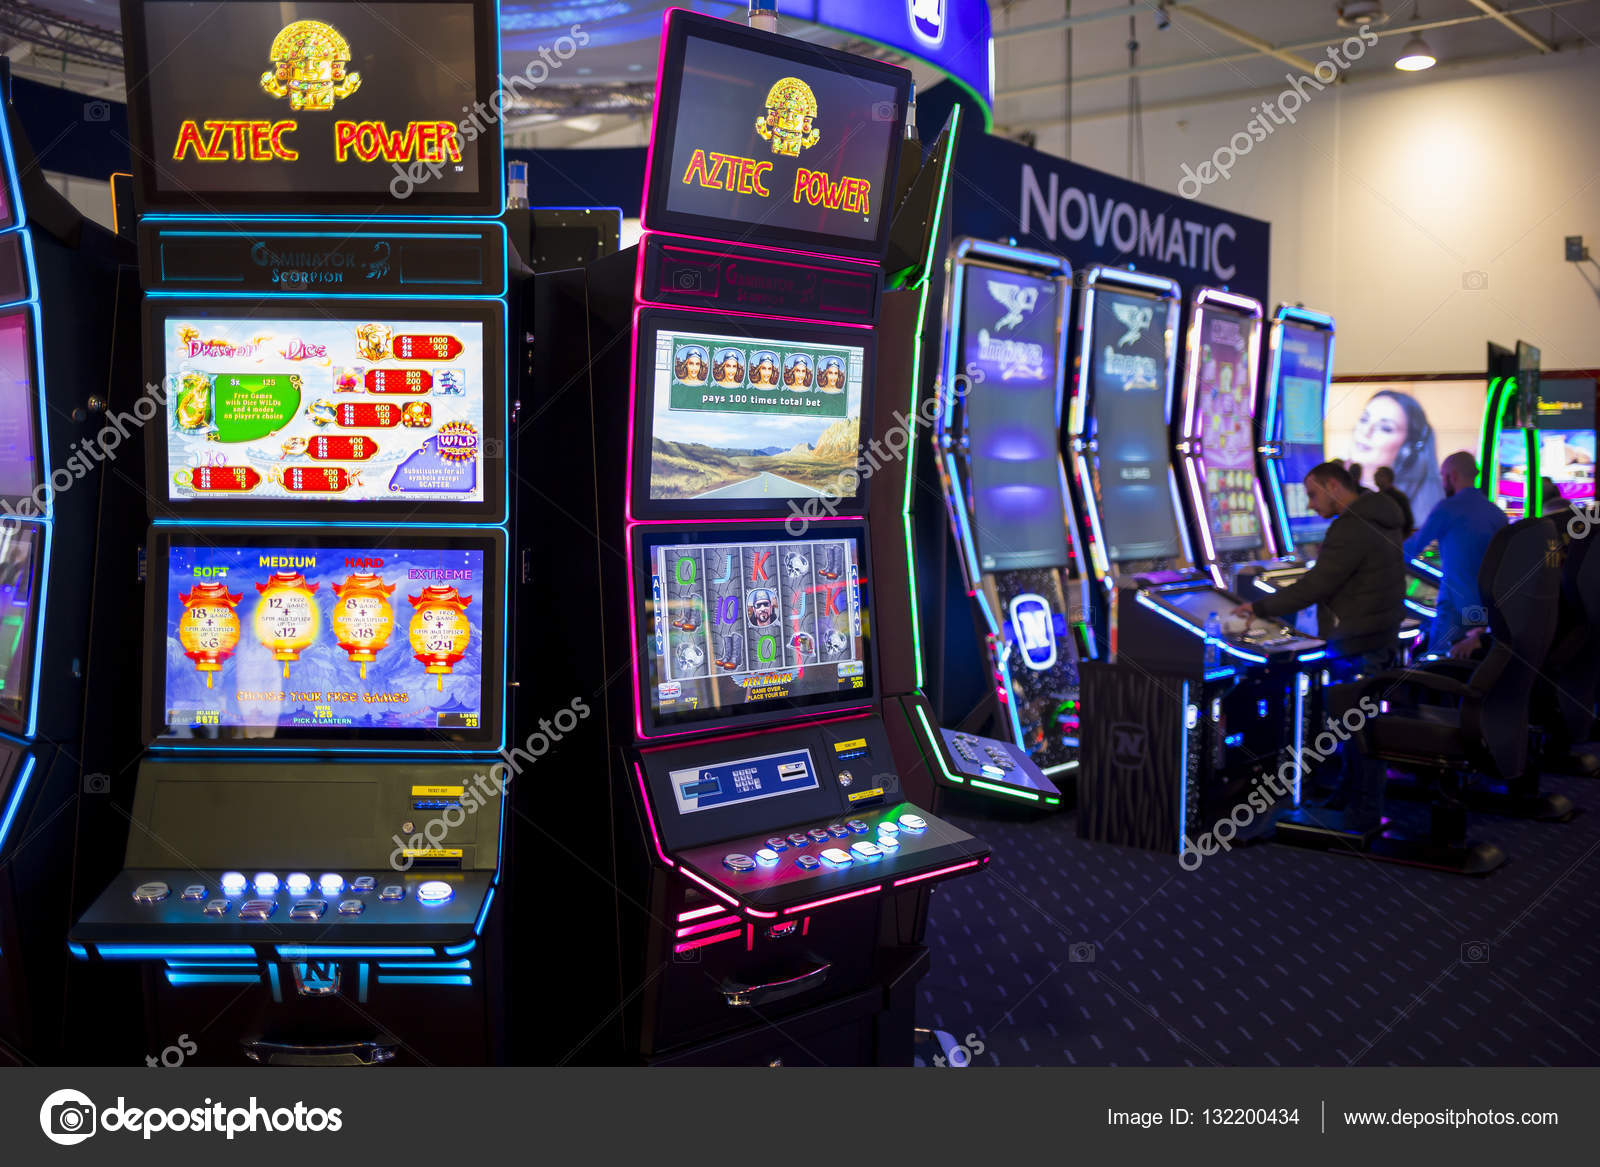 регистрации без форум topic смс игровые автоматы inurl